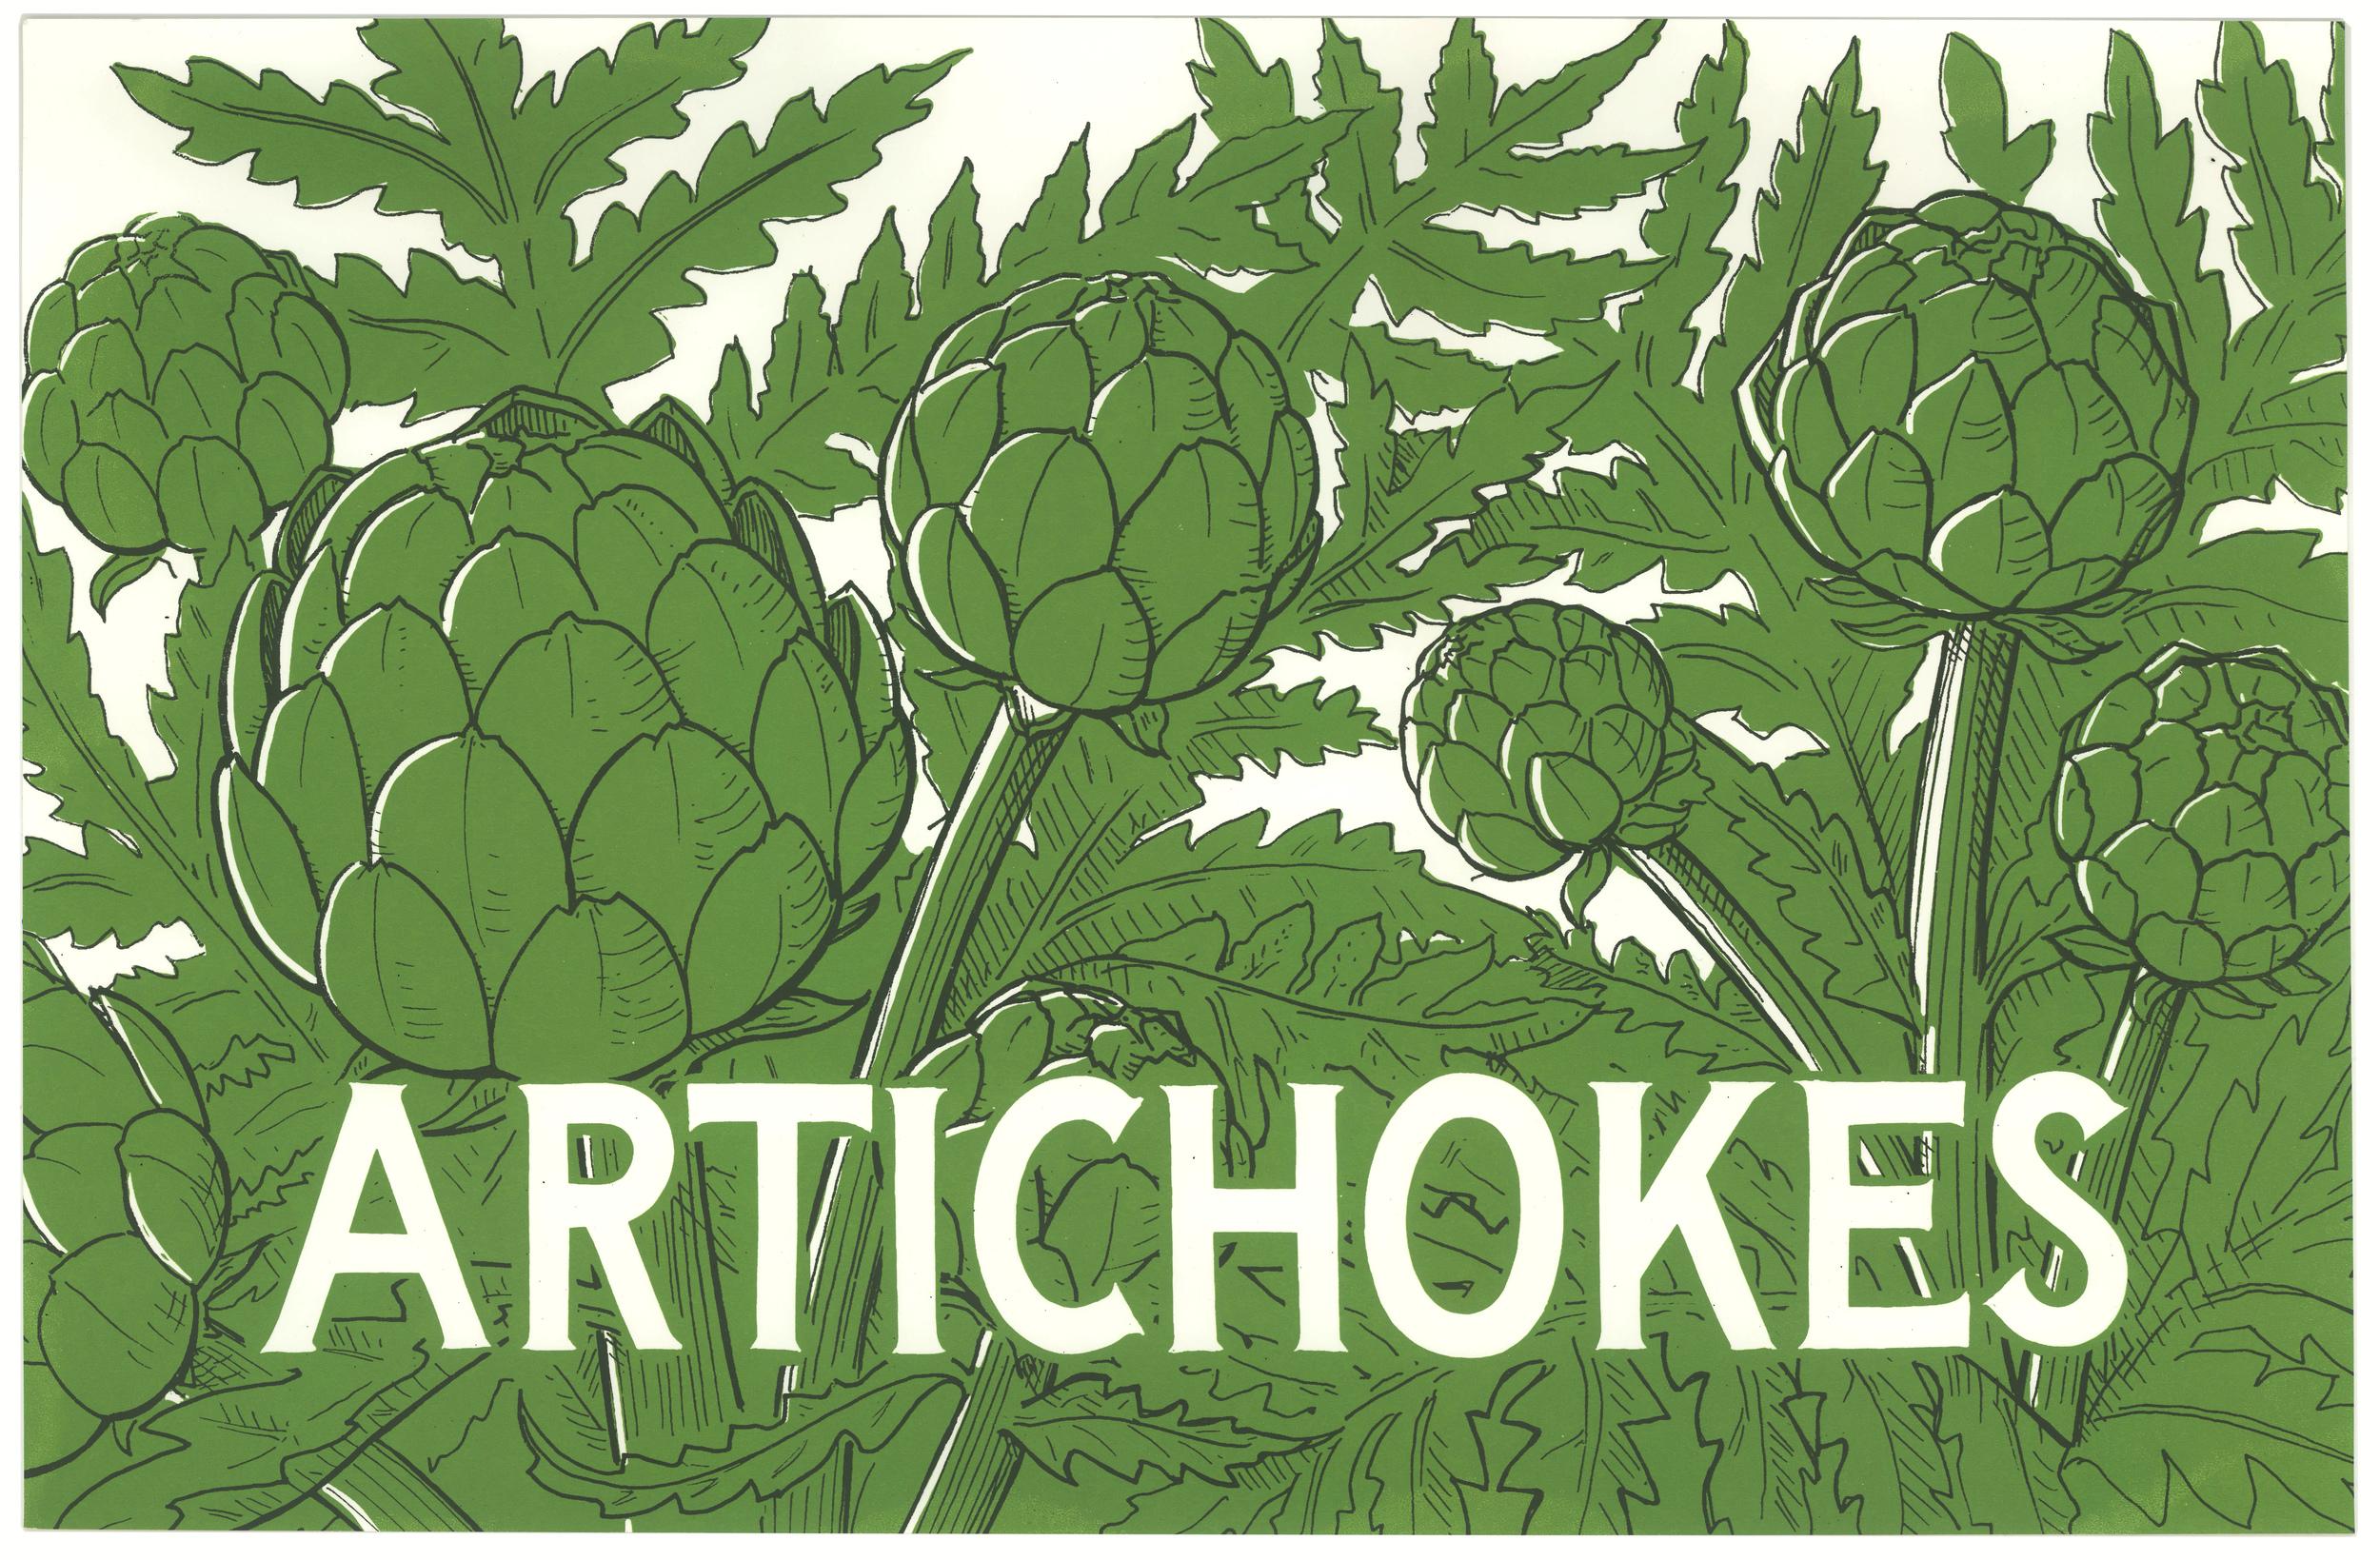 artichoke_web.jpg